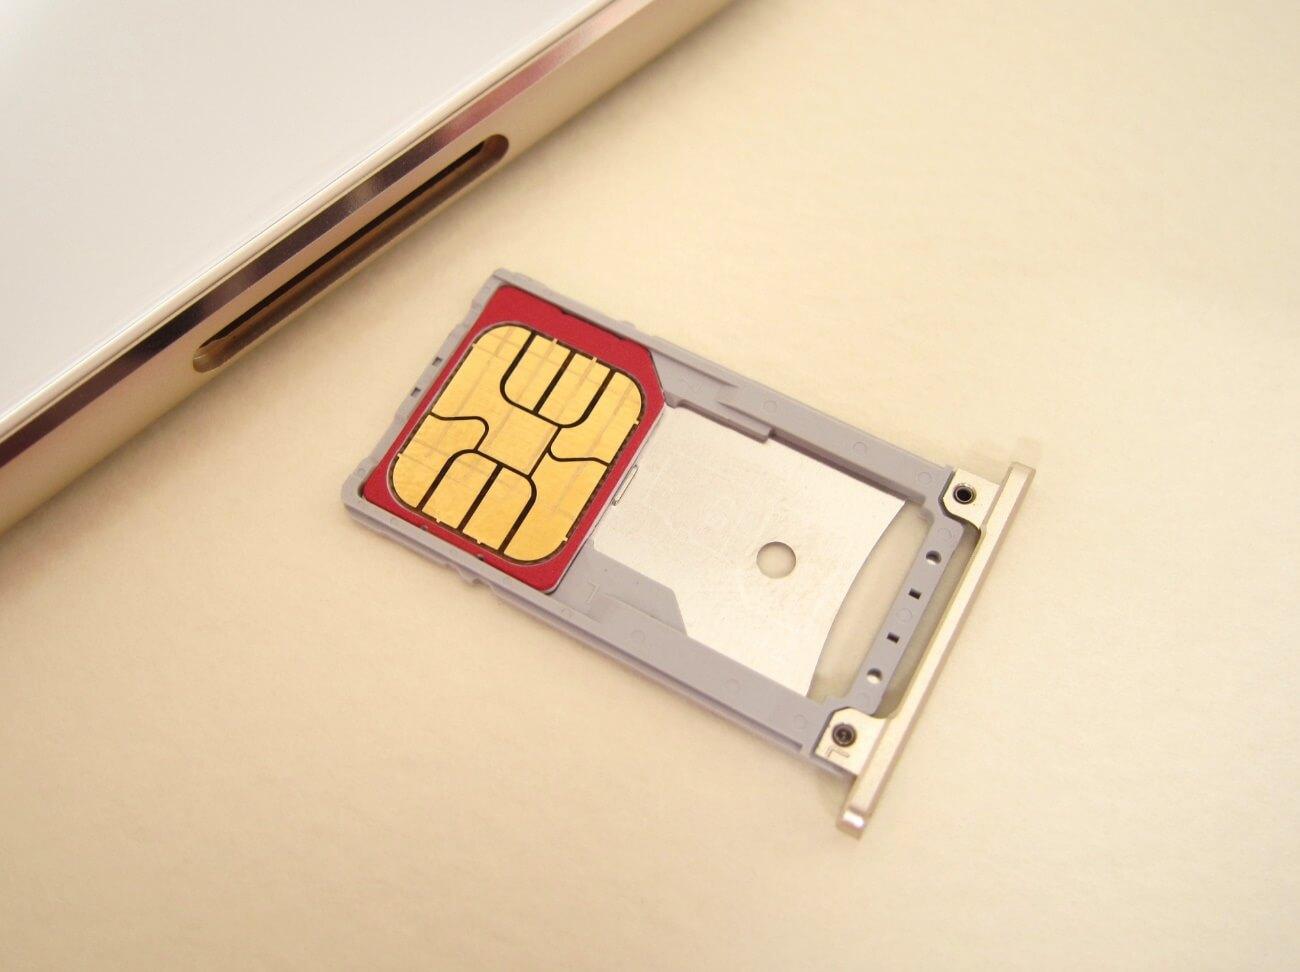 【通信料節約】ハワイで使える!超お得で便利なSIMカード!WiFiより使える!?